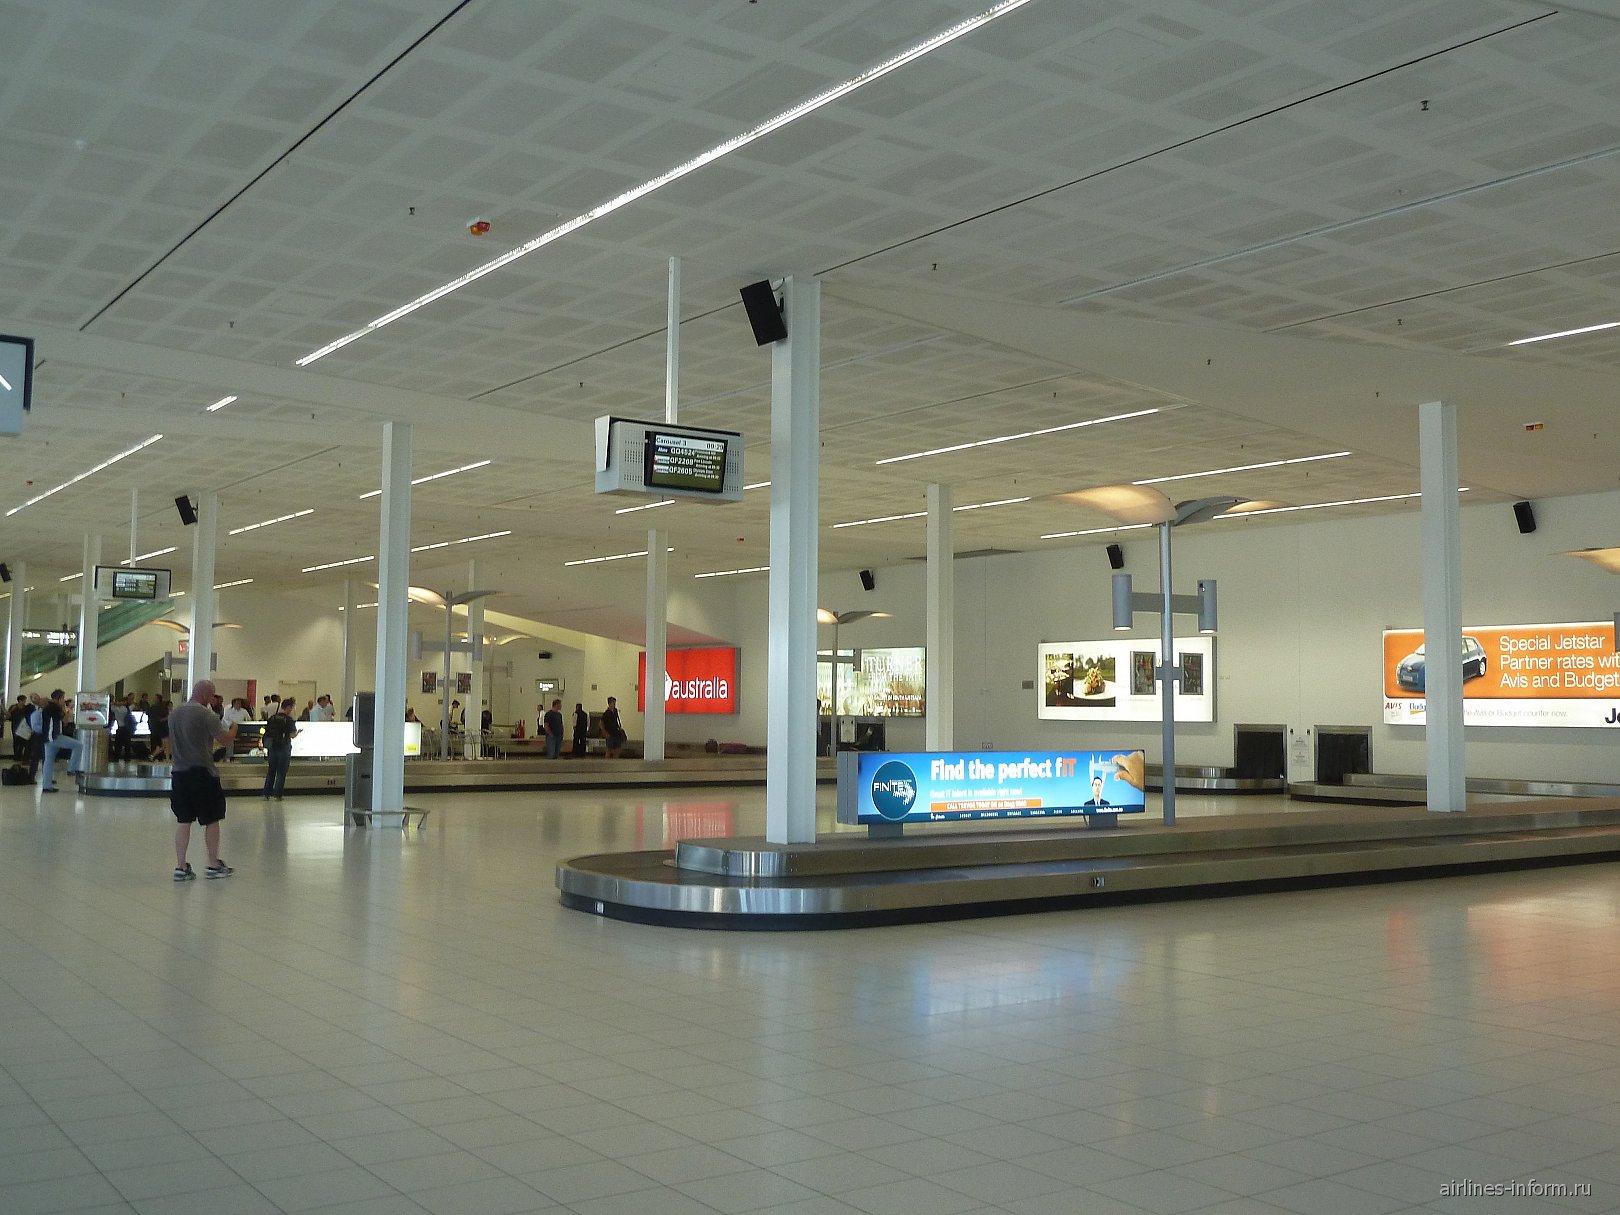 Зал выдачи багажа в аэропорту Аделаида